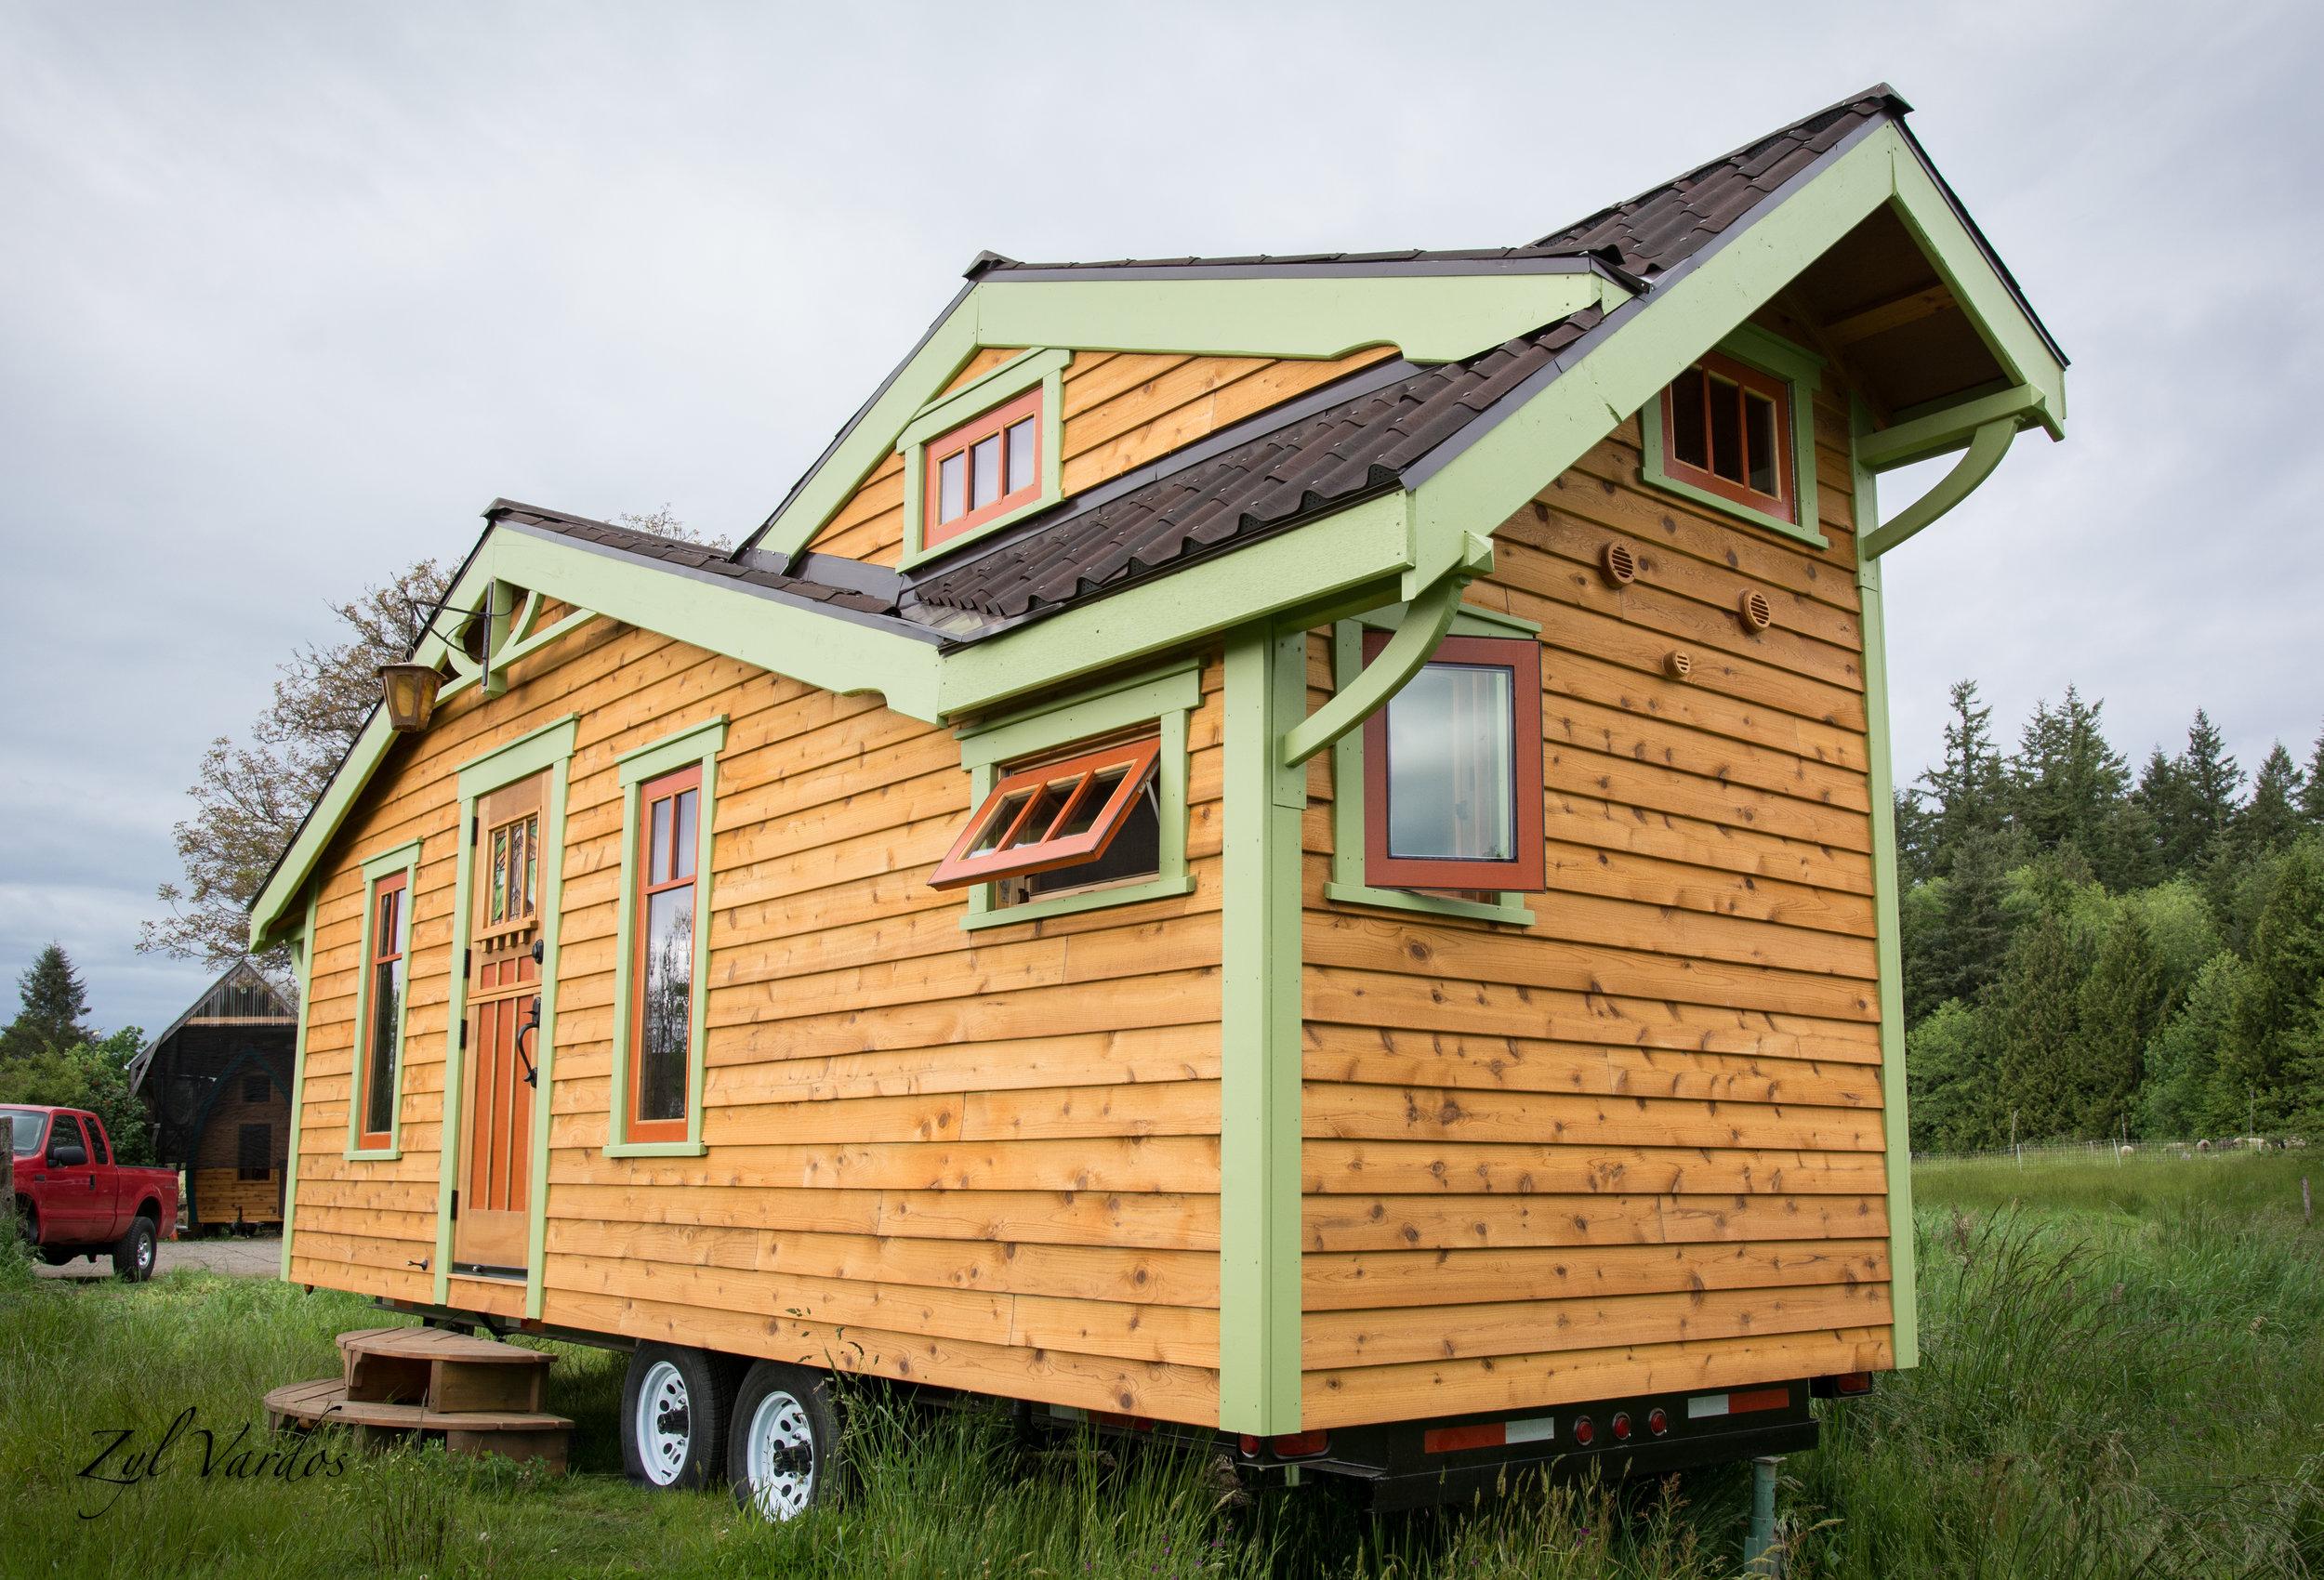 Zyl Vardos Tiny House l Living Tiny l Tiny Life Supply (1).jpg